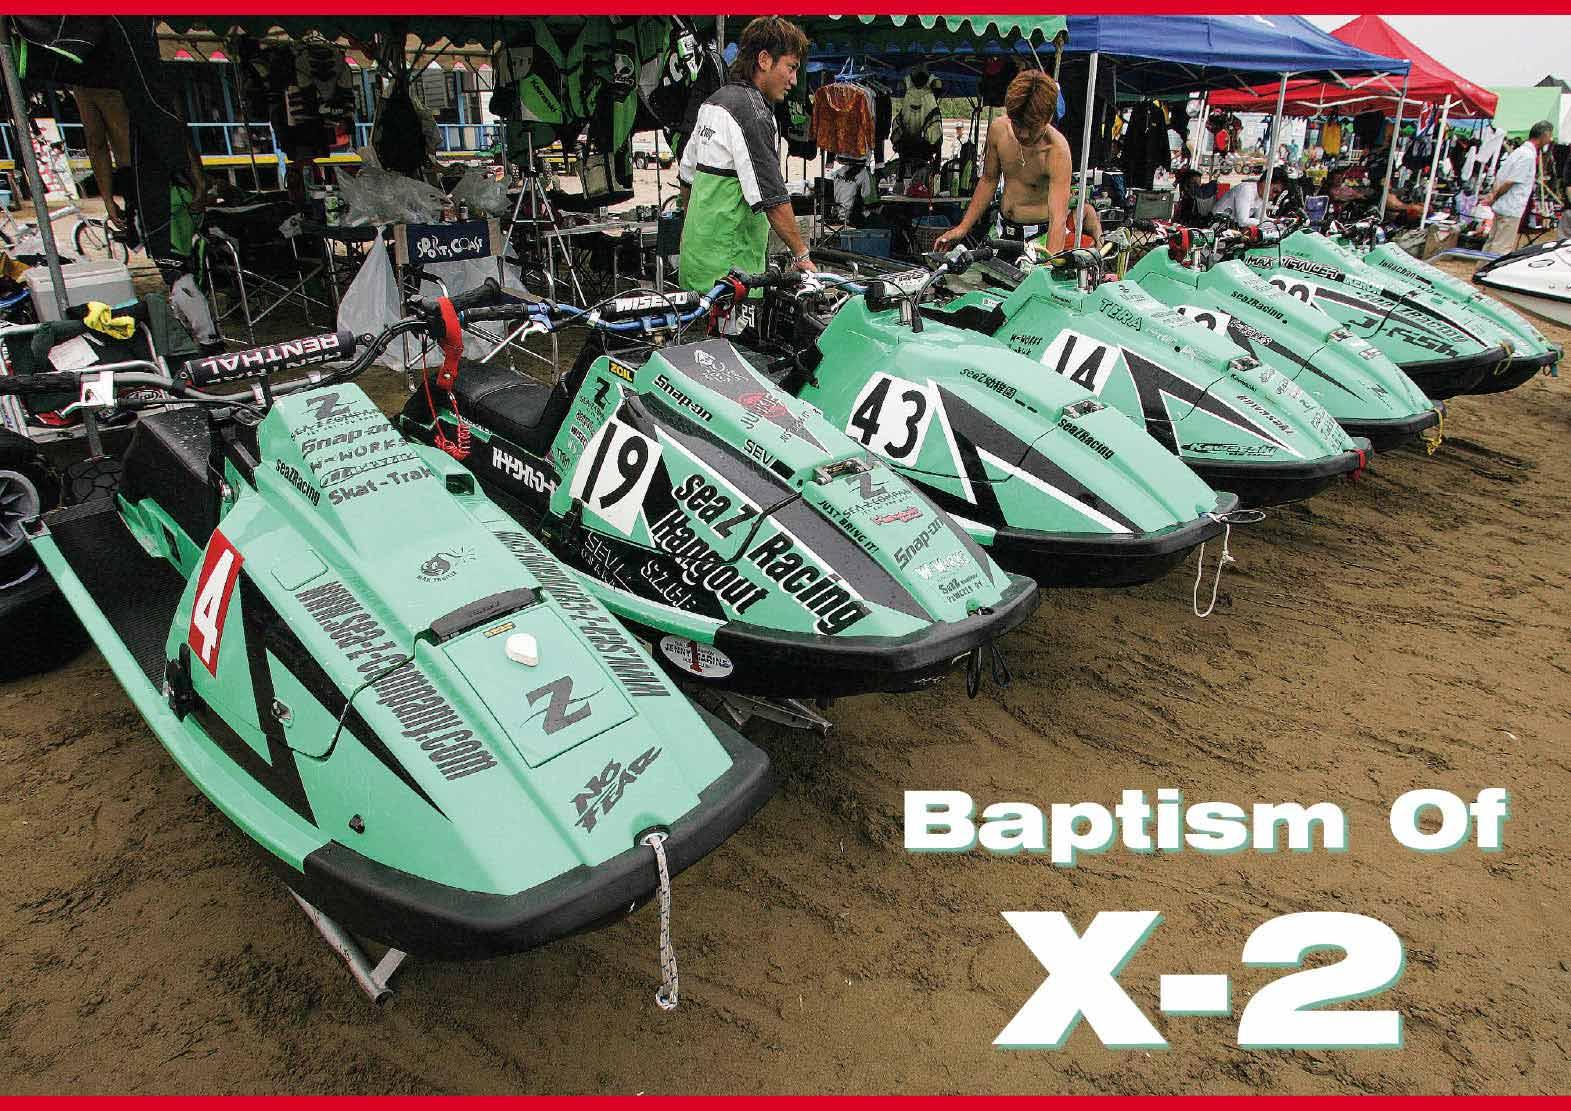 X-2の洗礼 買ったその日では上手く乗れない。「乗り込むだけで、ひと苦労」なジェットスキーがあったんです (水上バイク)ジェットスキー コラム